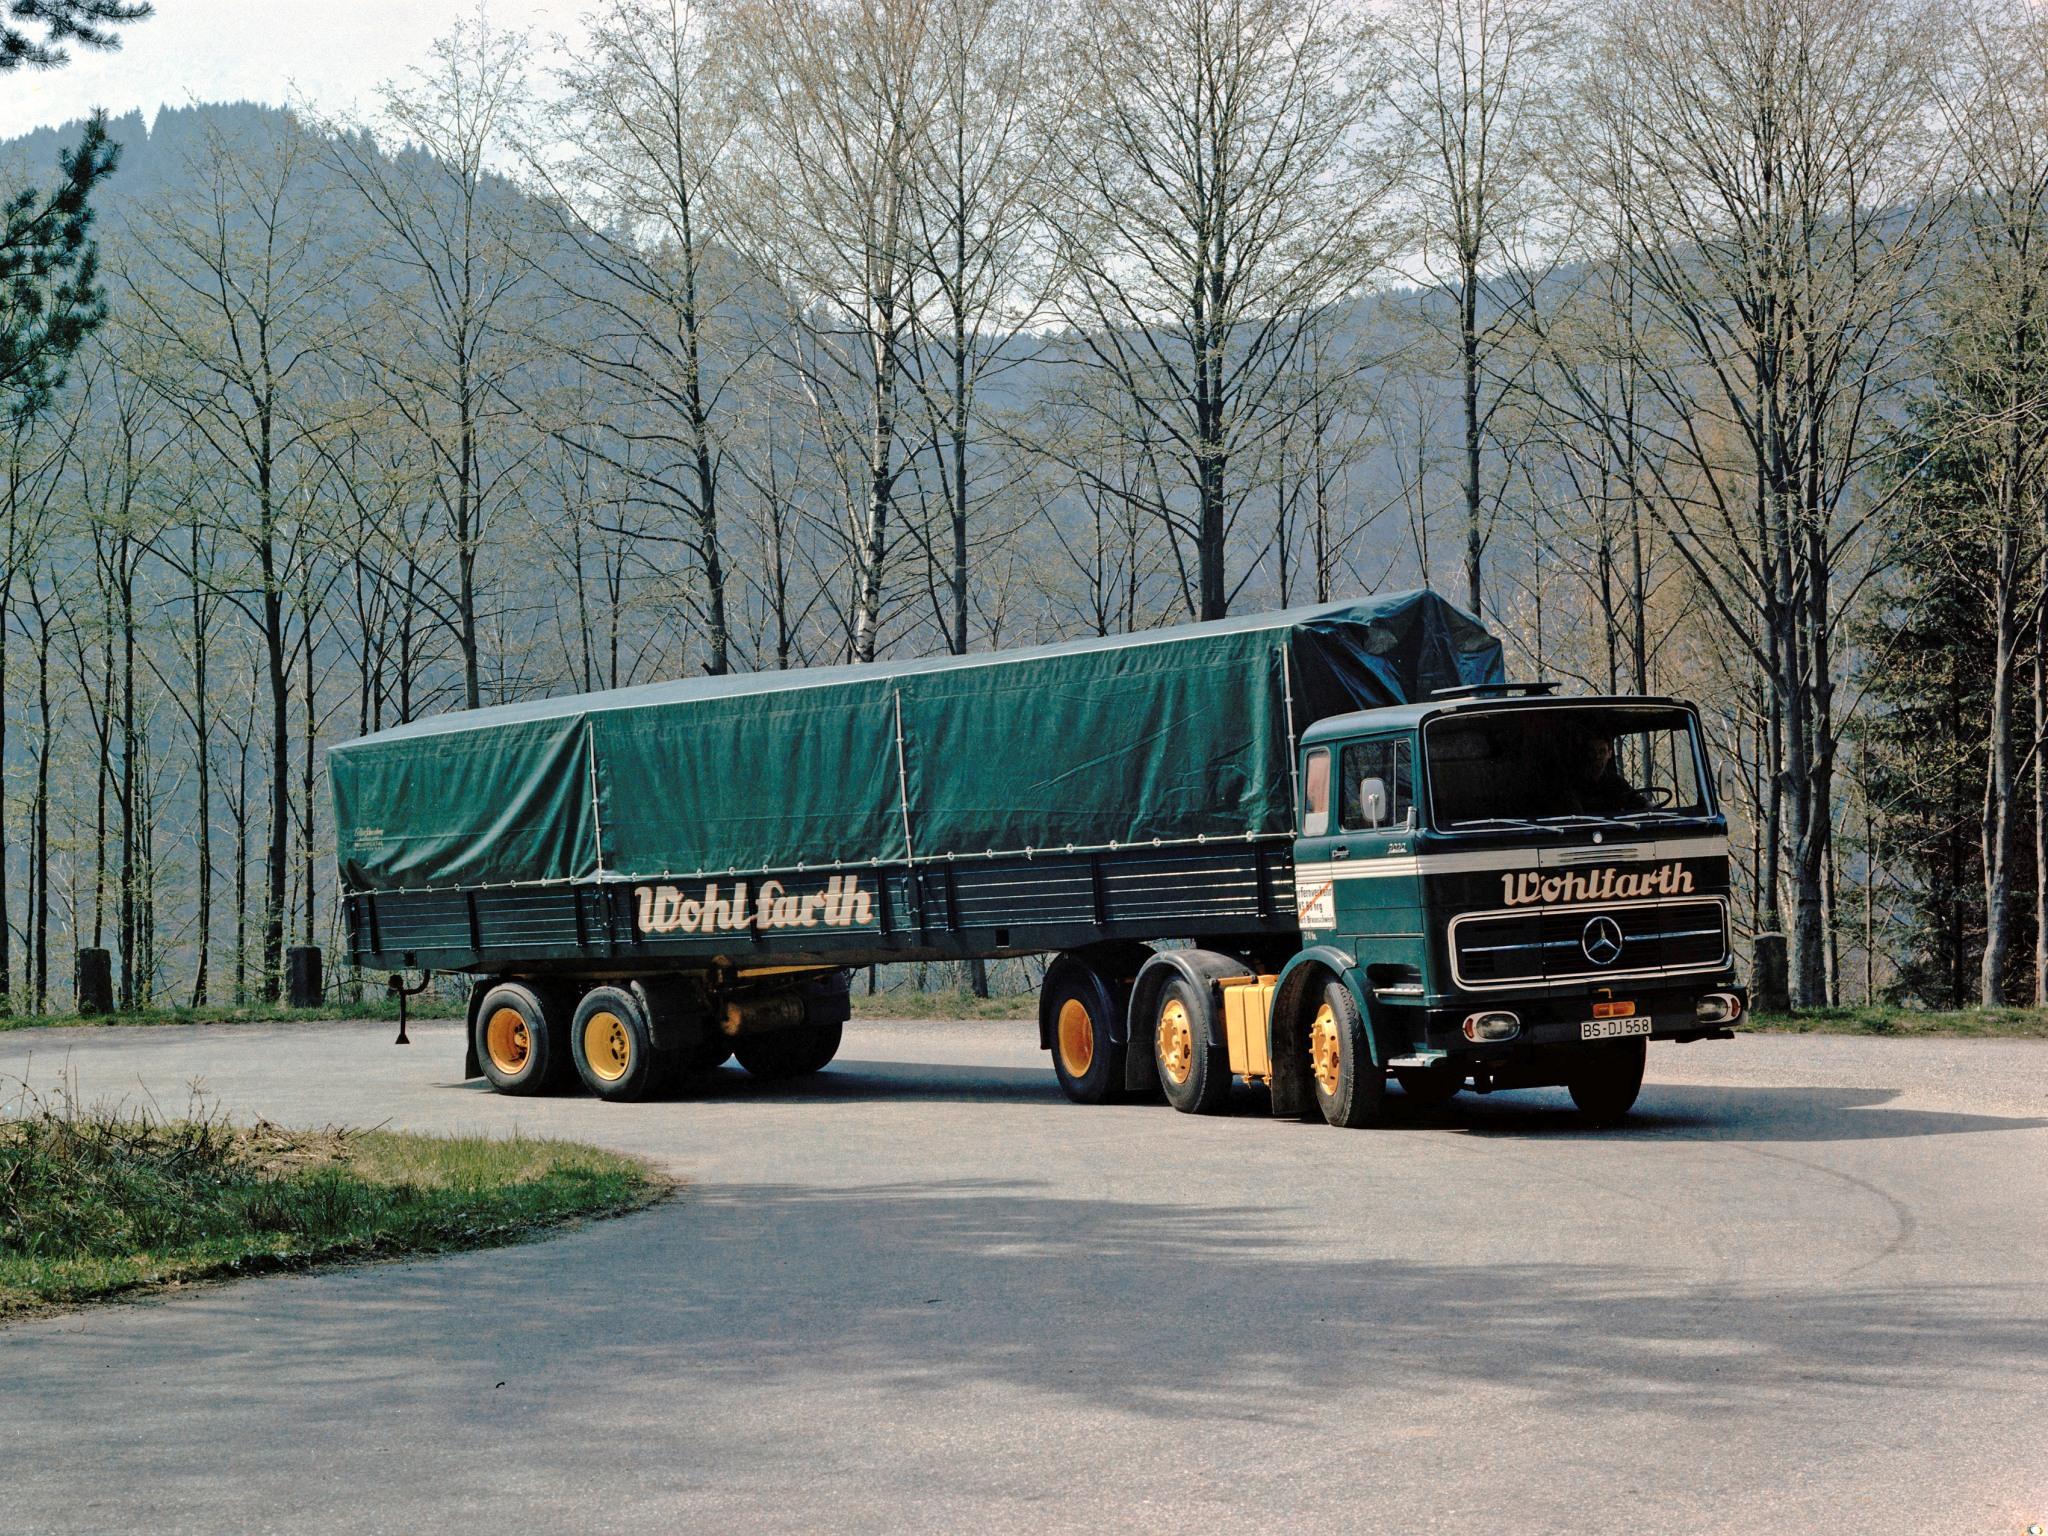 1970 mercedes benz lps2032 semi tractor classic wallpaper for Old mercedes benz trucks